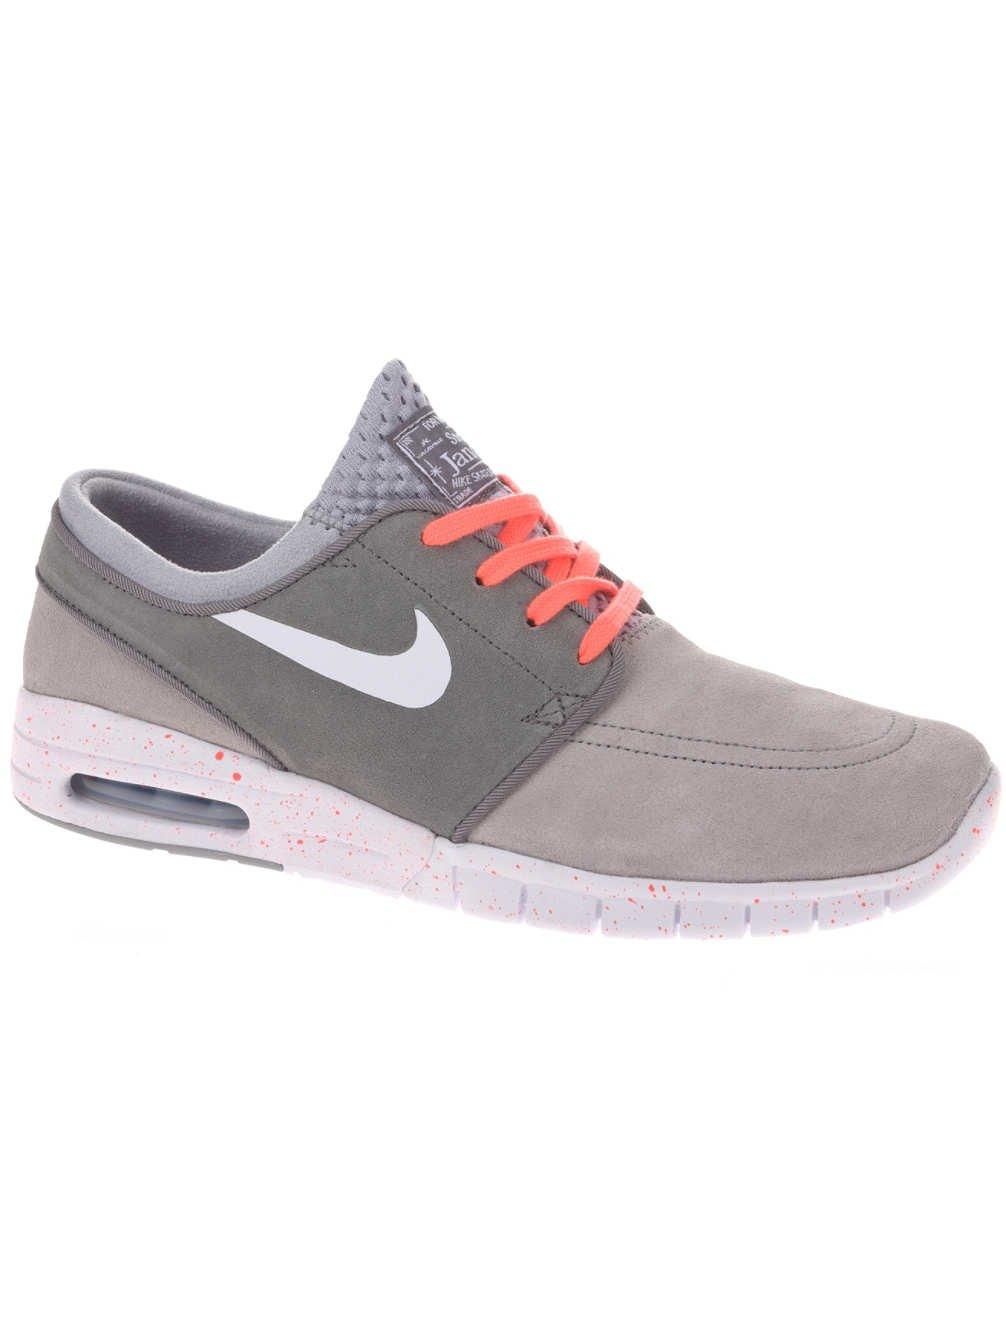 43a38447e1 Galleon - Nike Men's Stefan Janoski Max L Skate Shoe (7.5) Grey